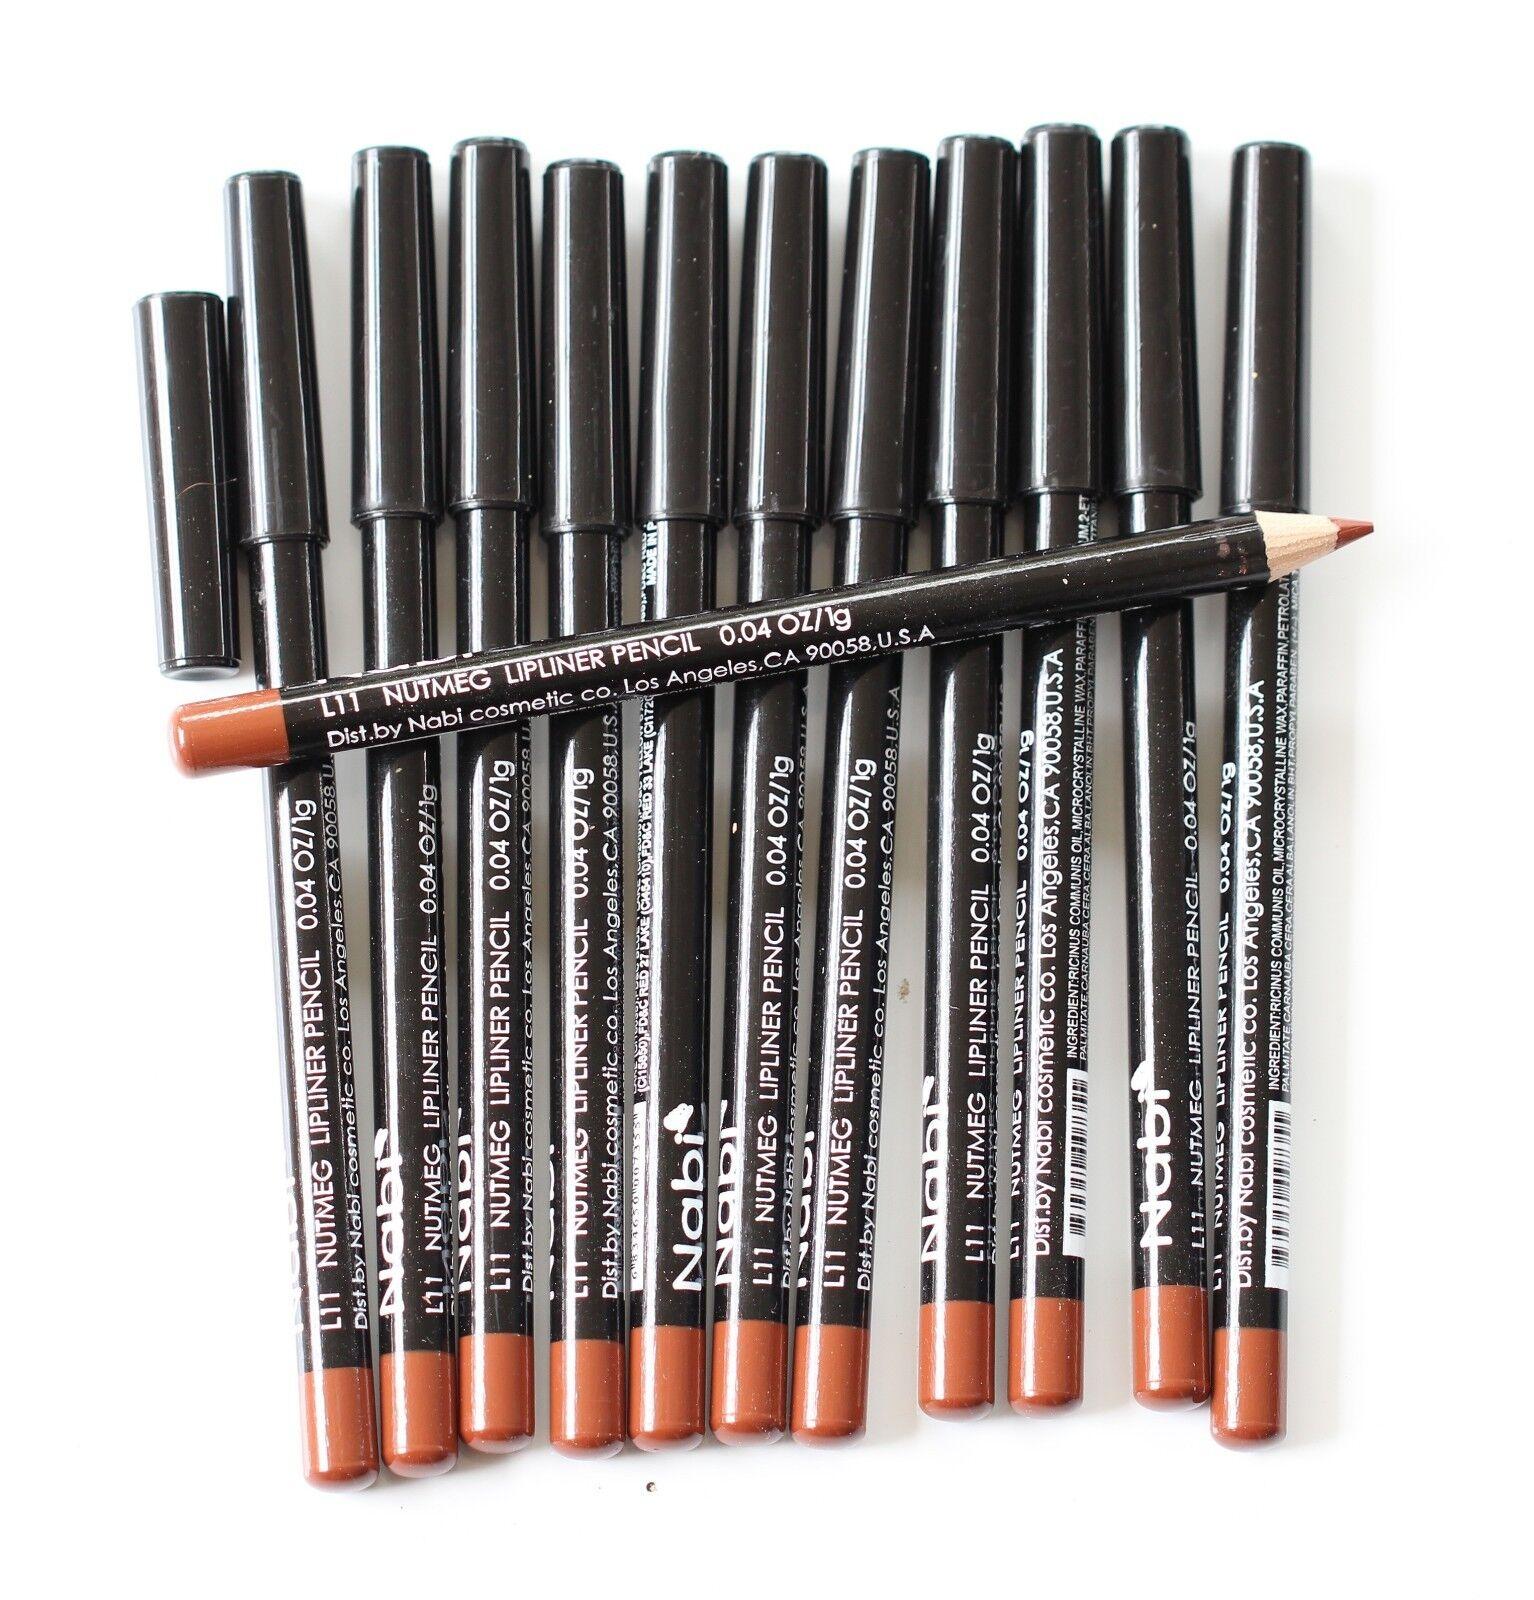 12 pcs NABI L11 NUTMEG Lip Liner Lipliner Pencil